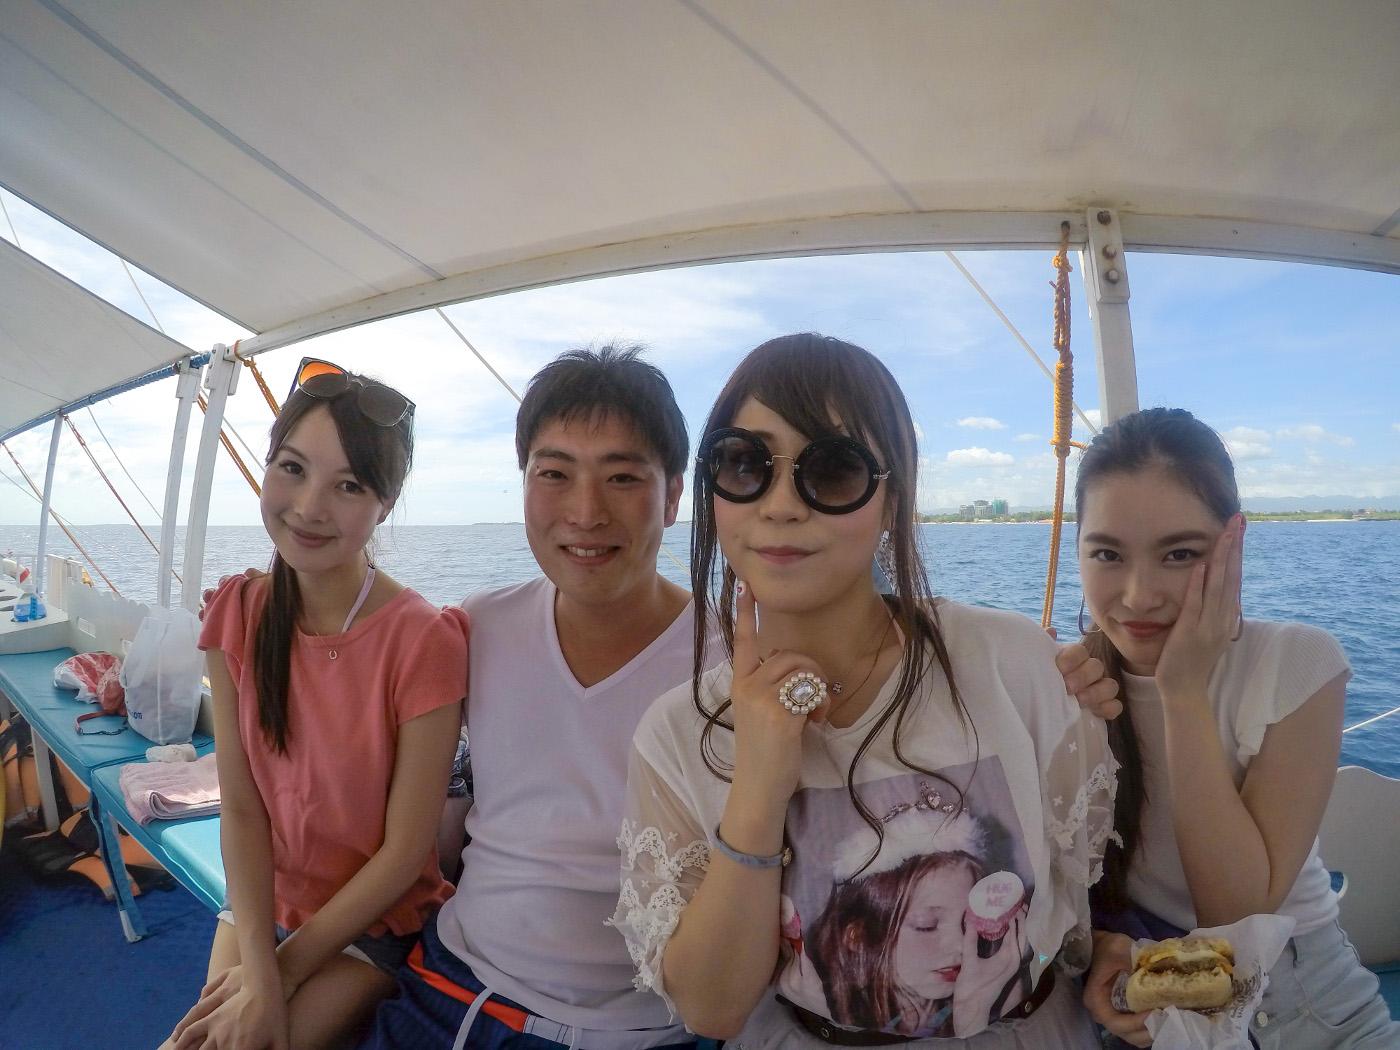 貸切ボートに乗っている男性と3人の女性